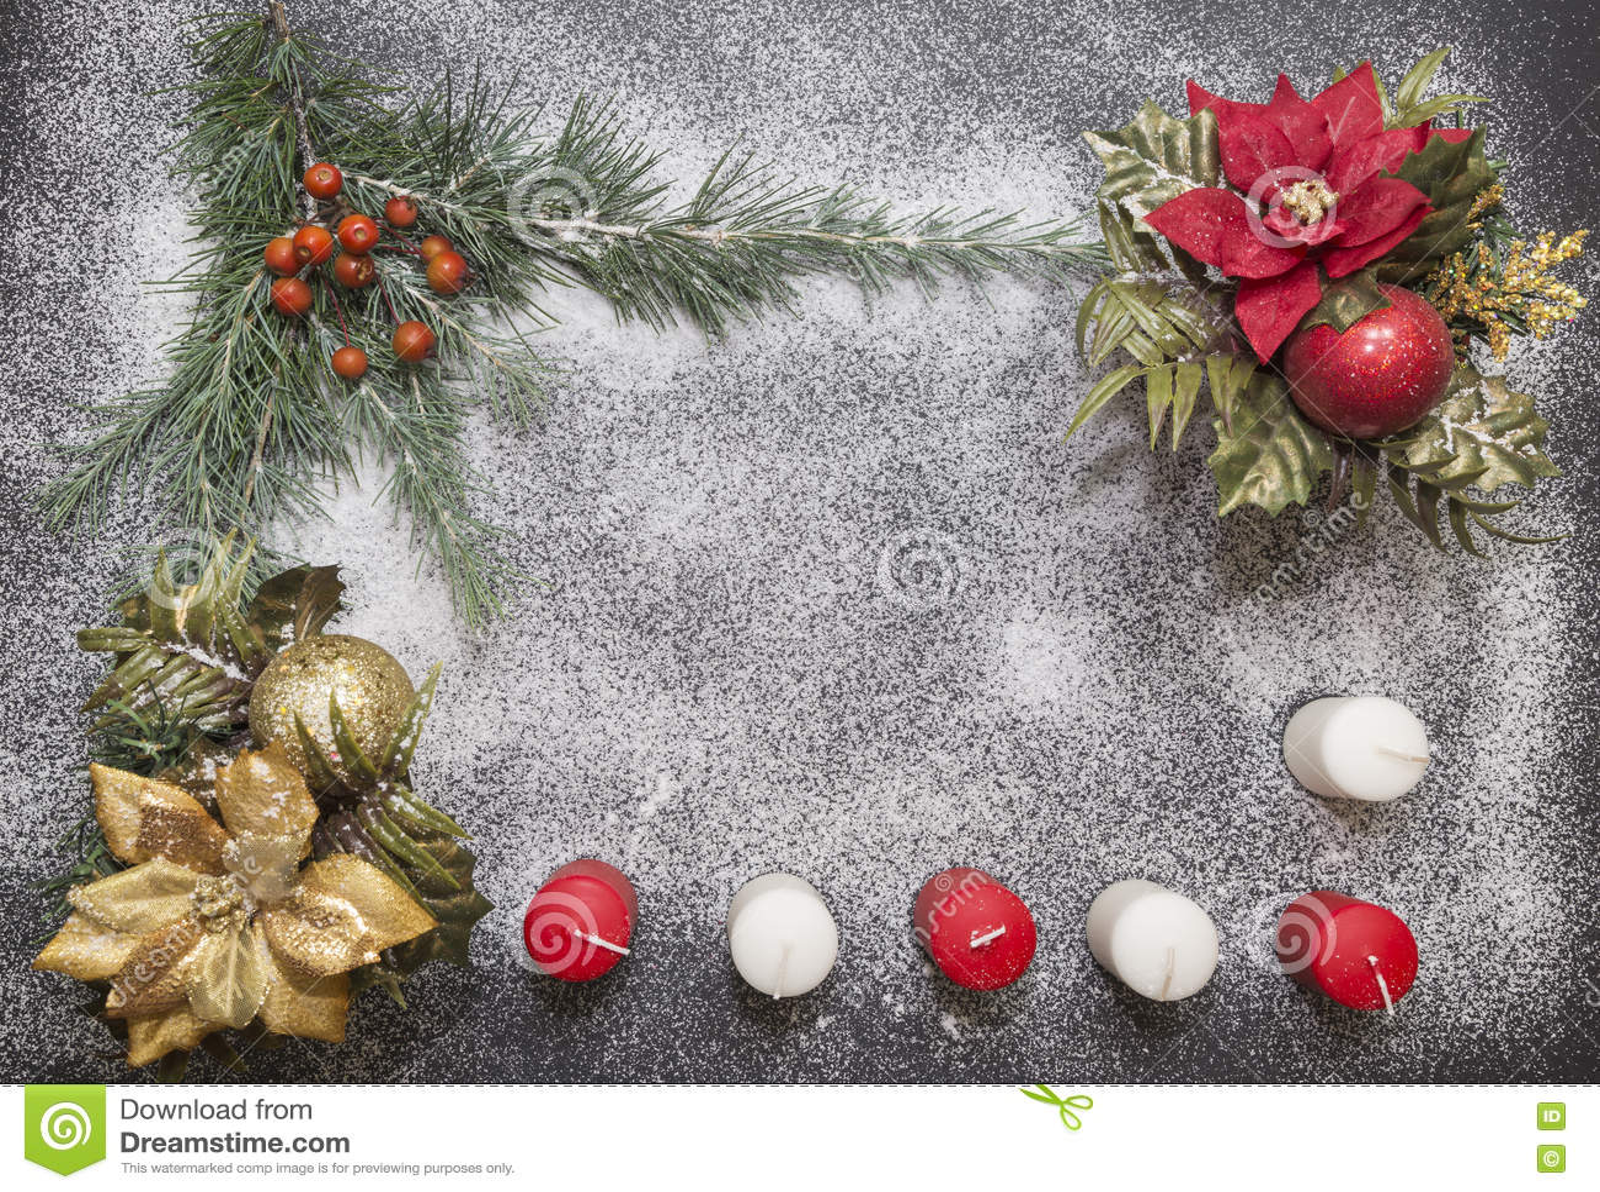 Поздравительная открытка с праздничным украшением на предпосылке снега имитируя сахар